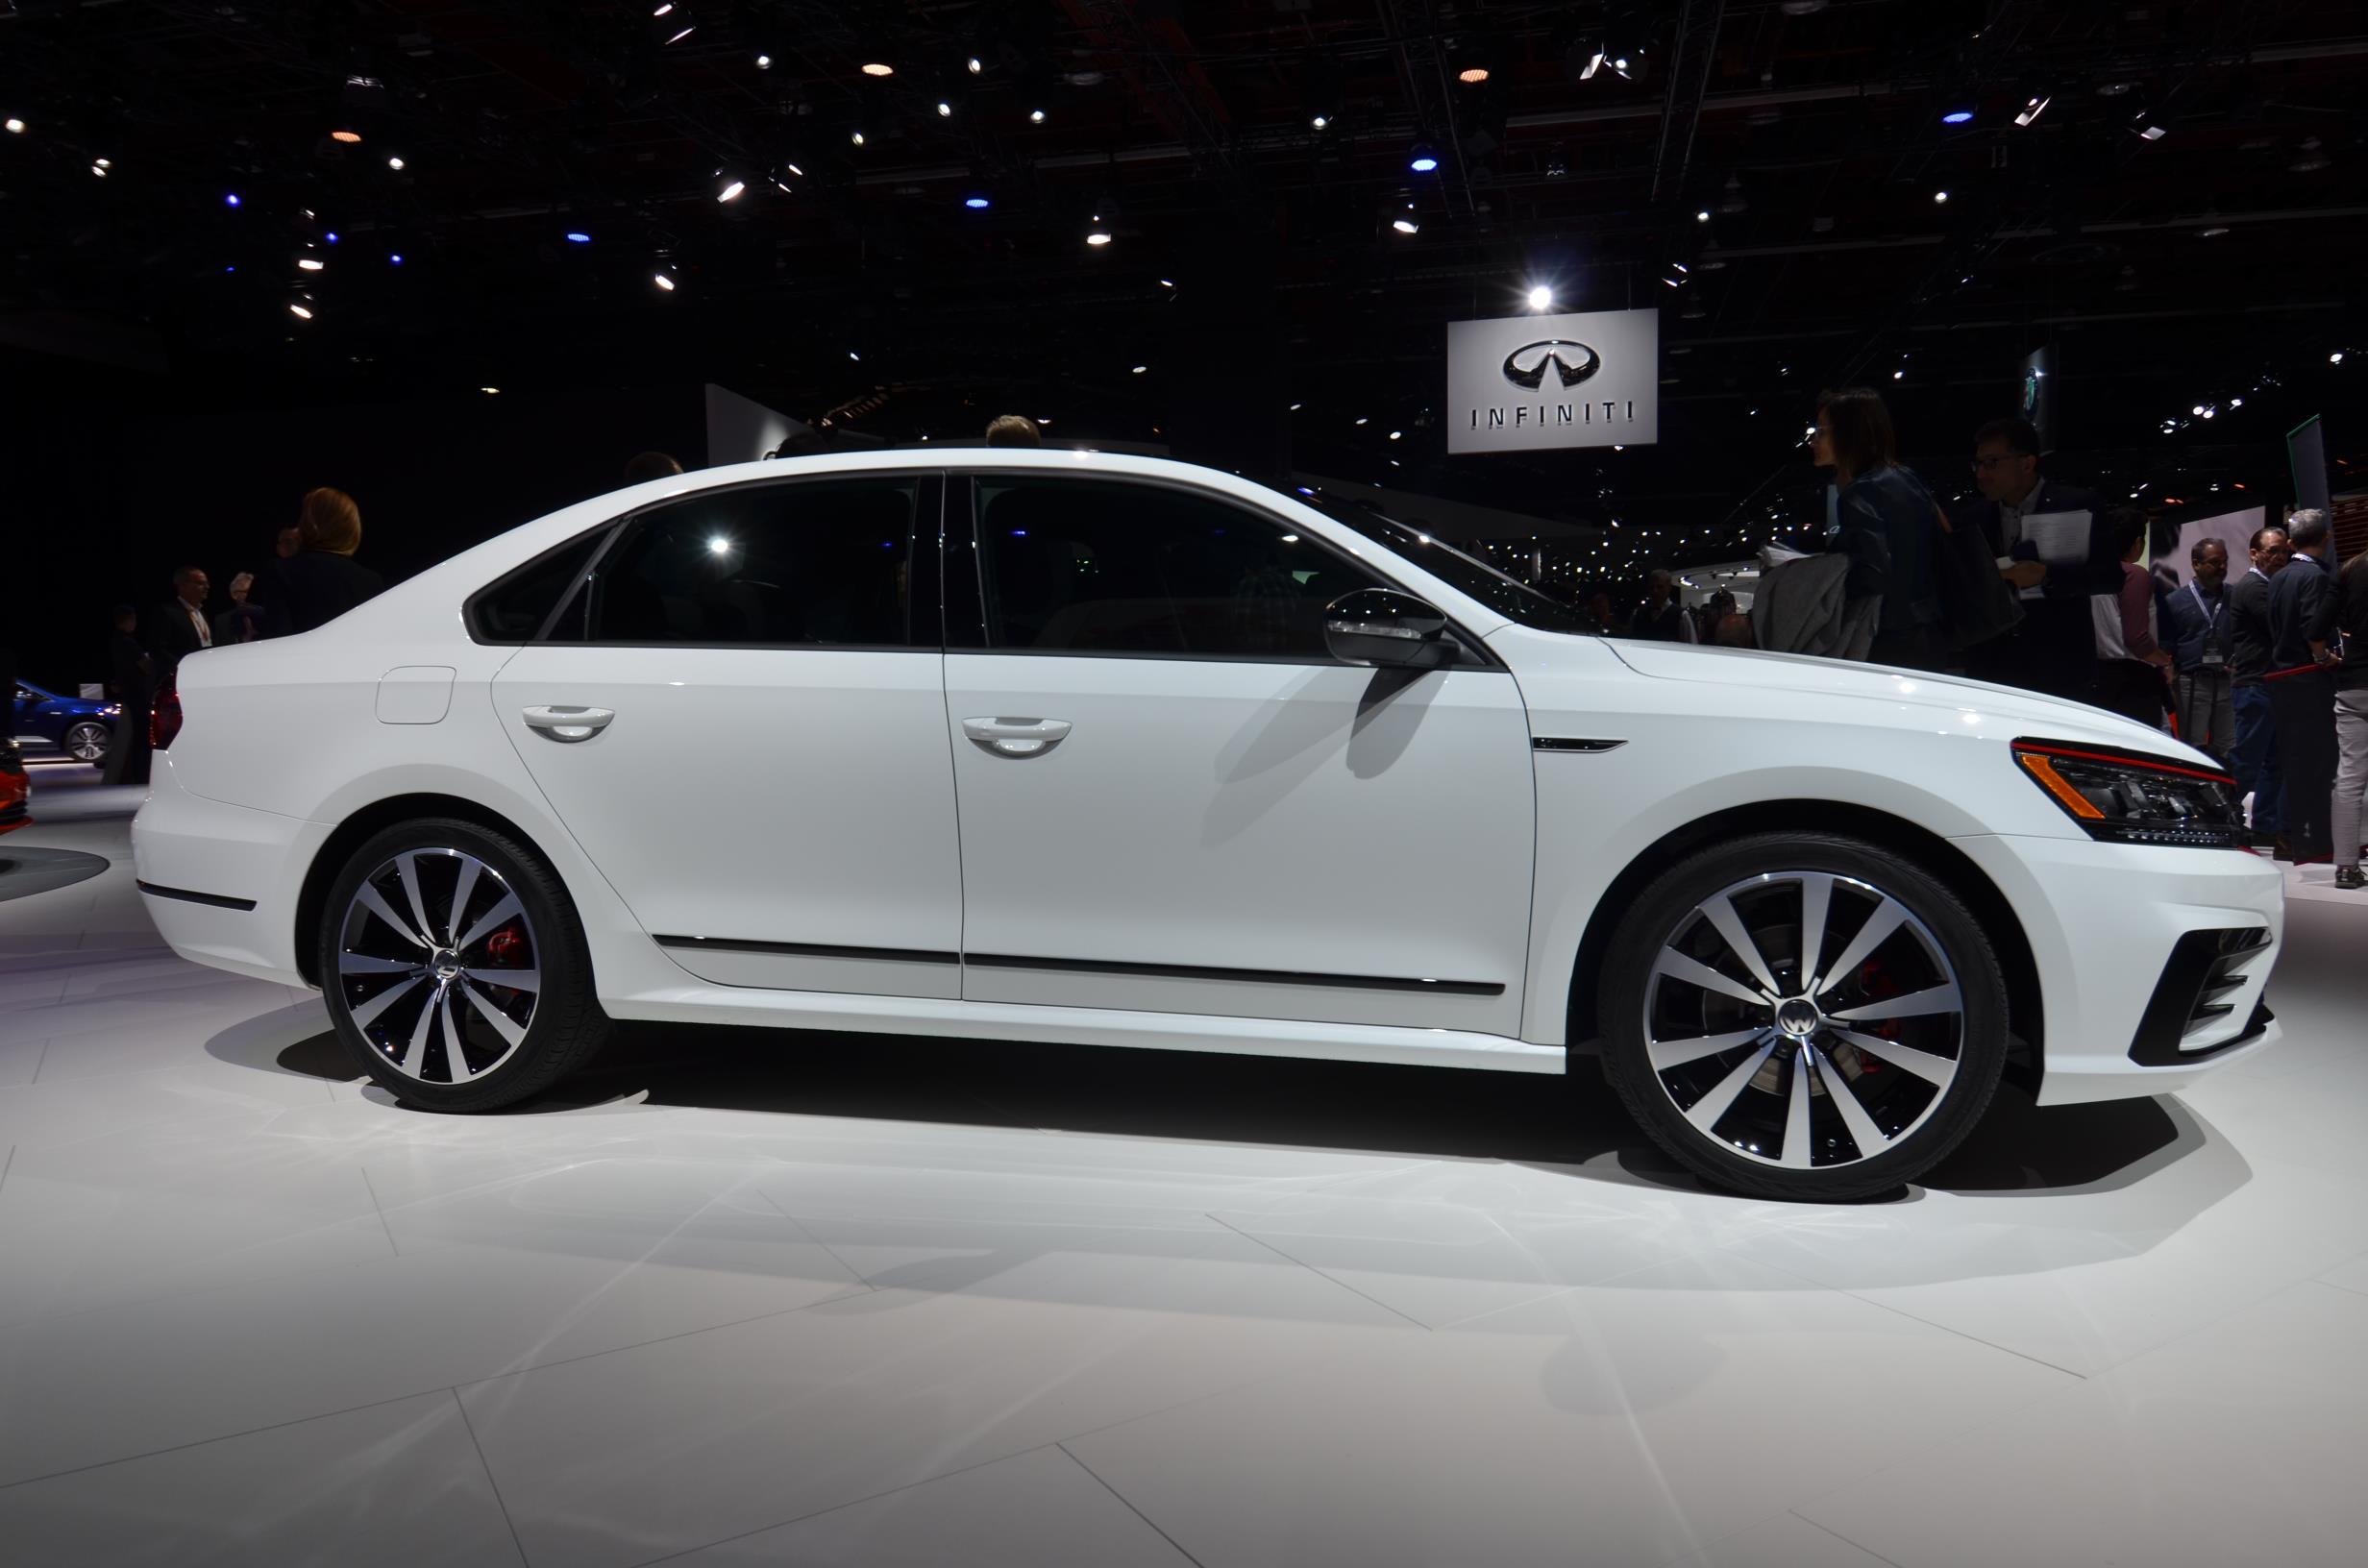 2019 Volkswagen U.S. Lineup Sees Passat Price Go Up By ...